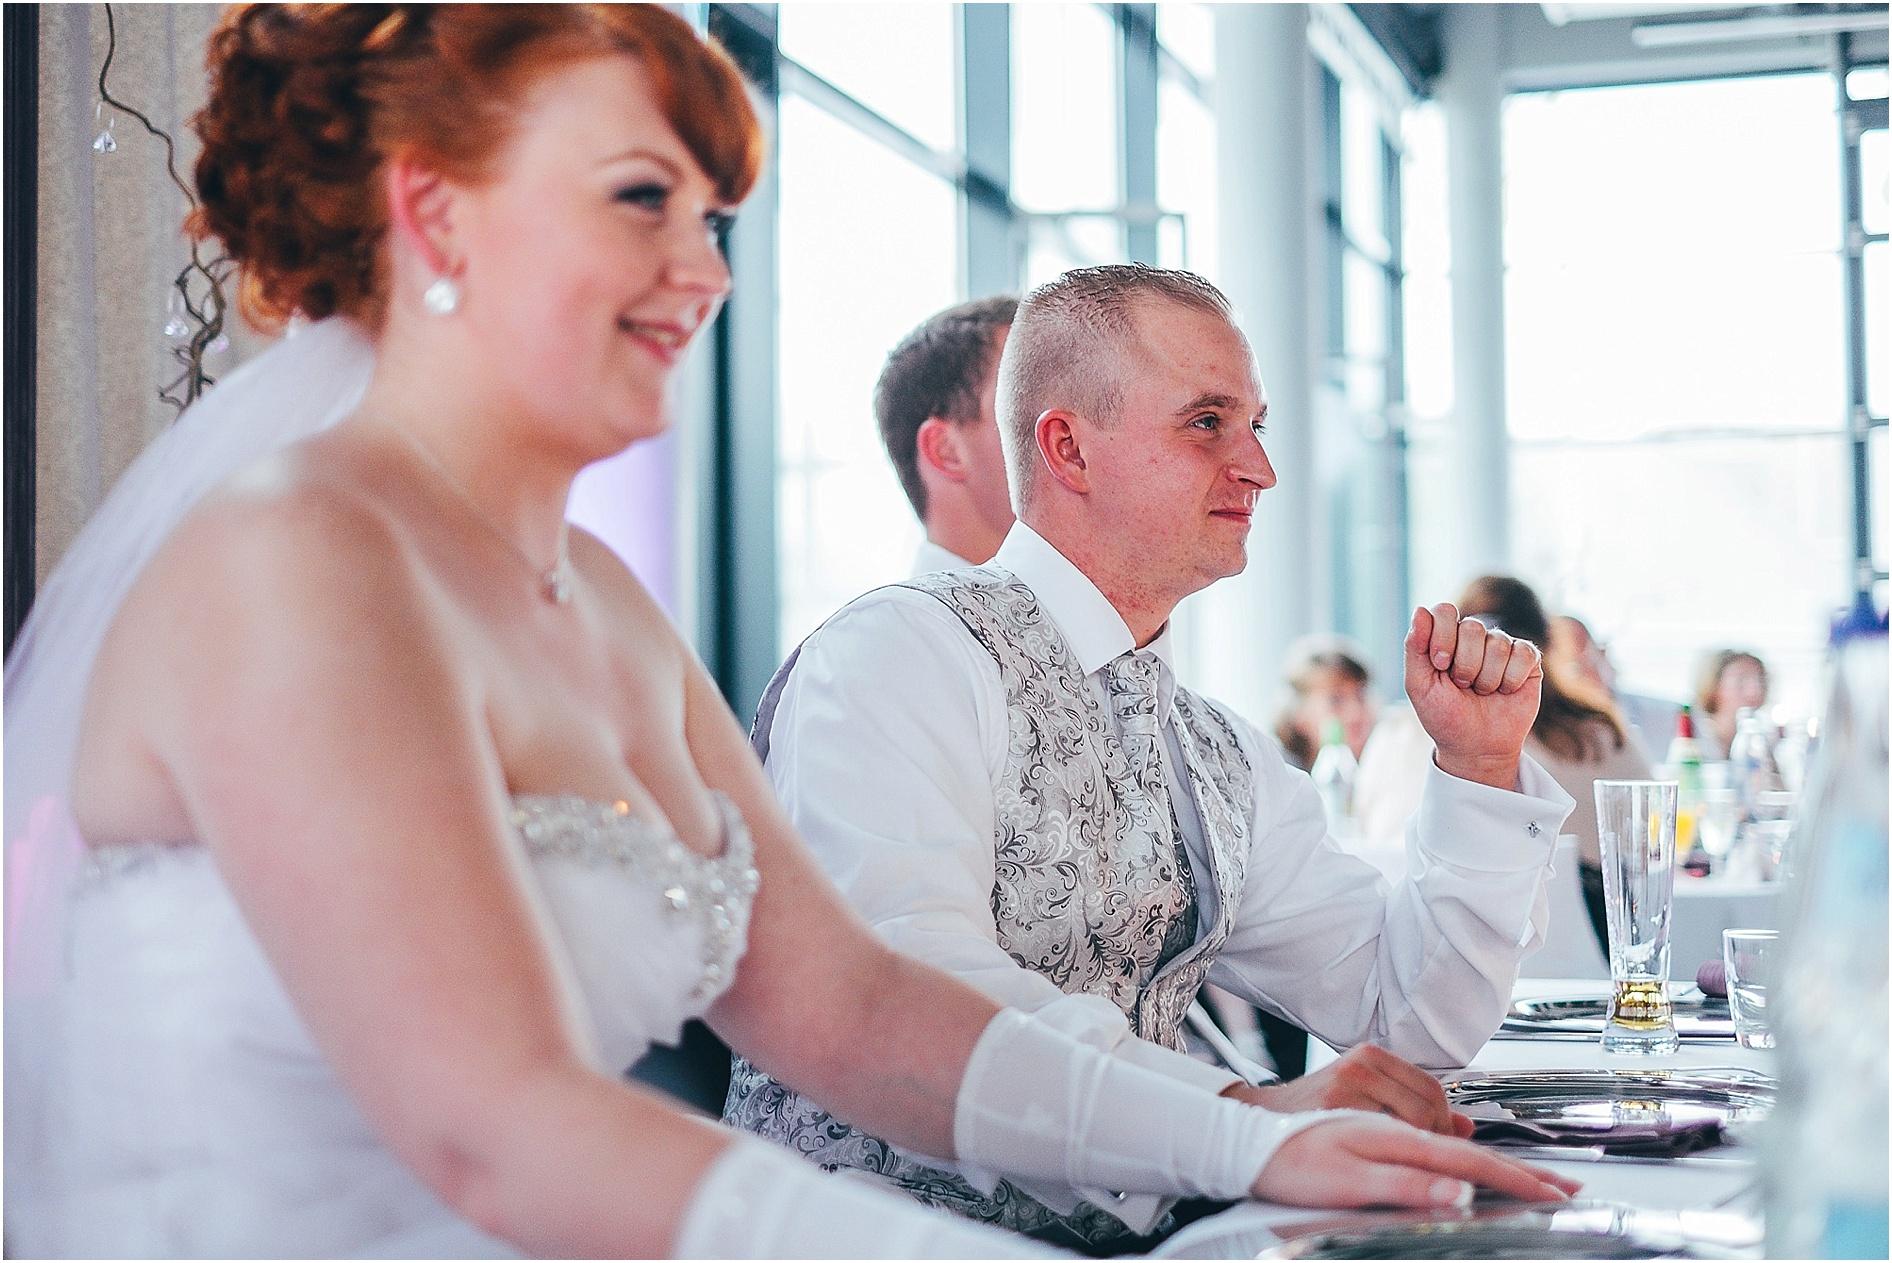 2014-11-20_0108 Lora & Daniel - Als Hochzeitsfotograf in Lüneburg